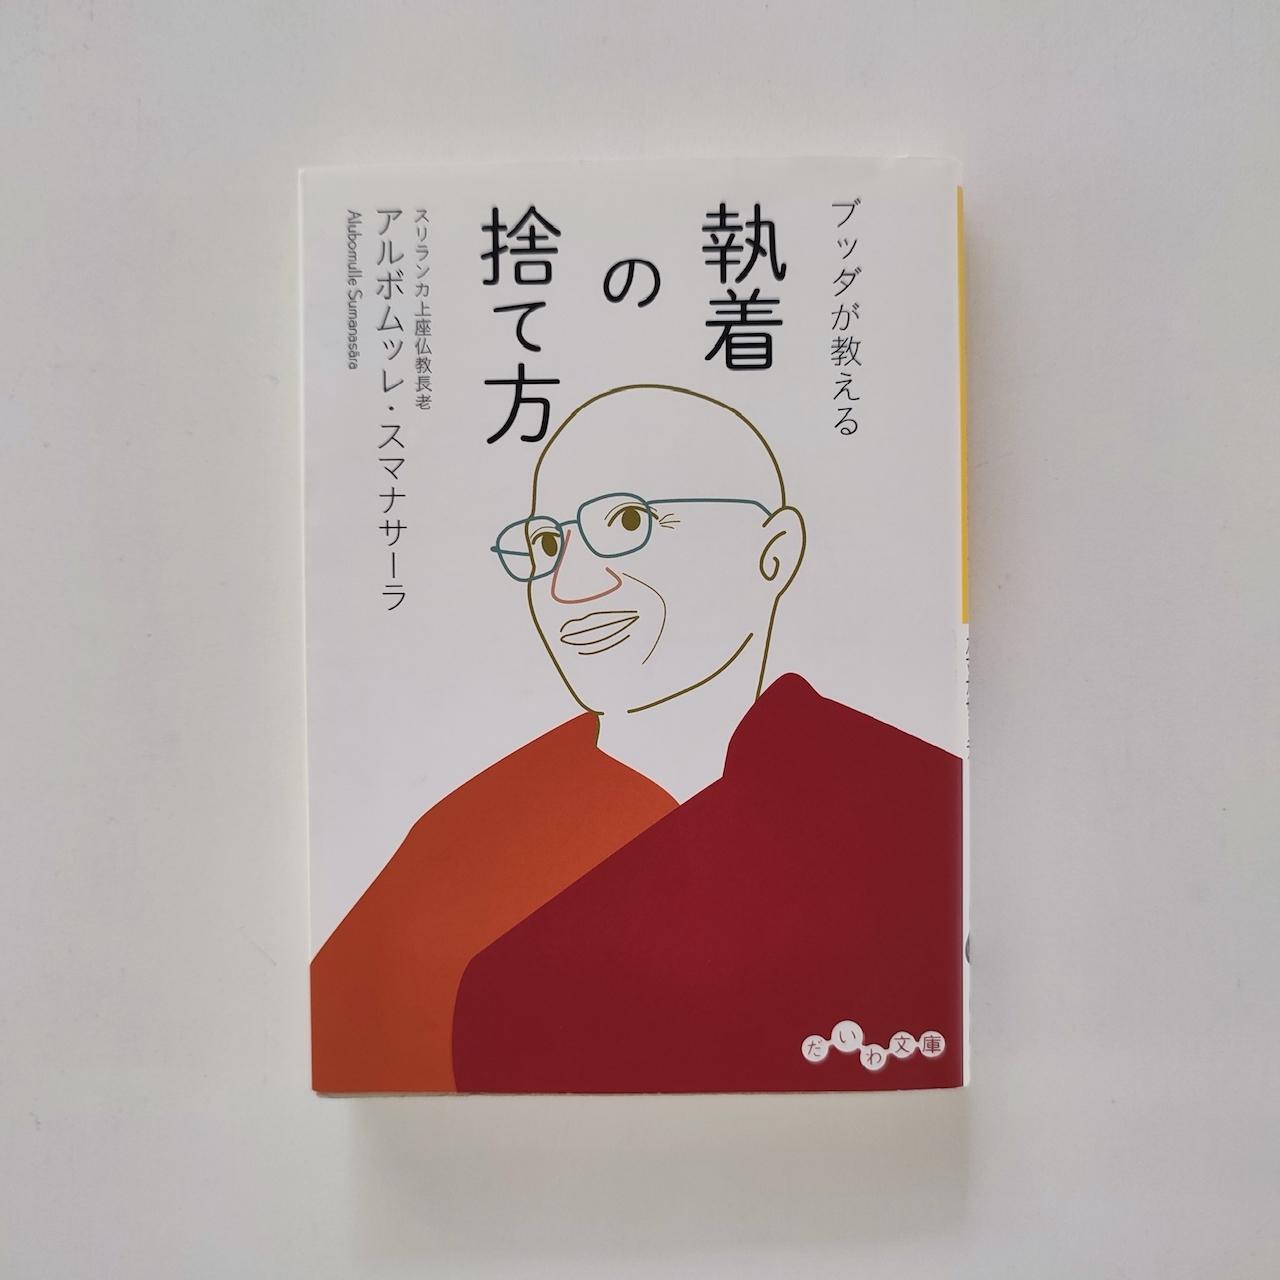 仏教_a0103666_15335812.jpg